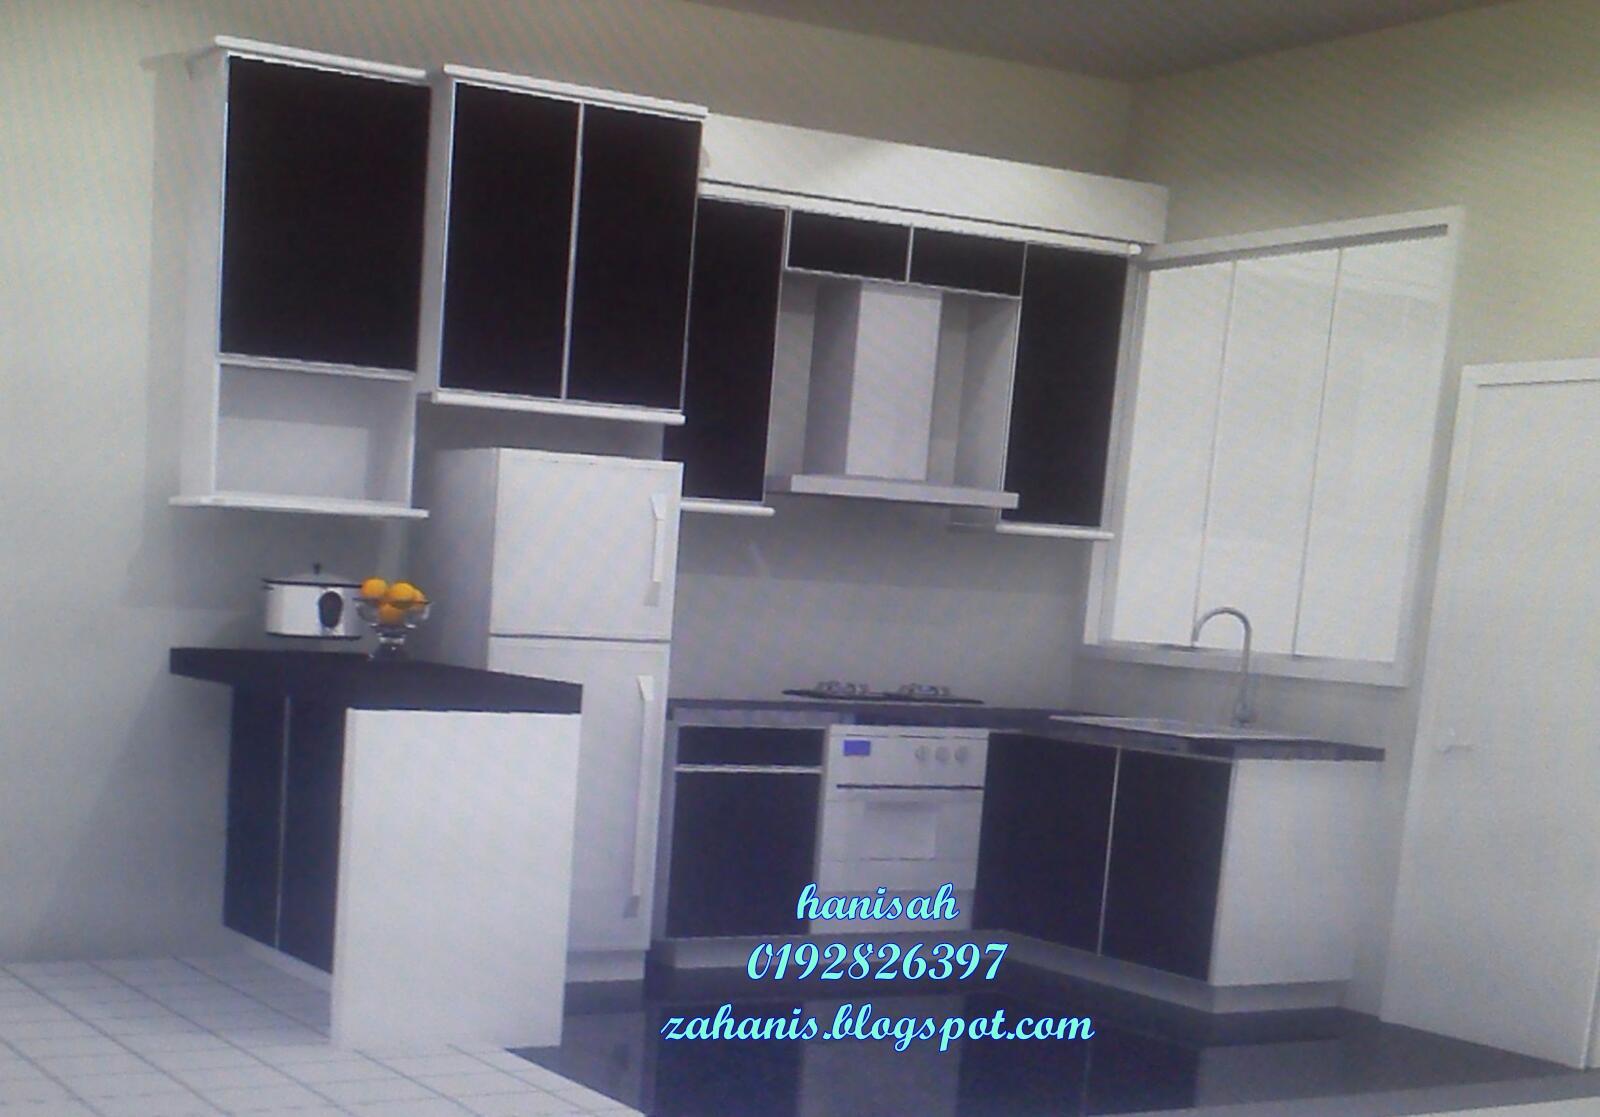 Kabinet Dapur Di Kuantan Desainrumahid